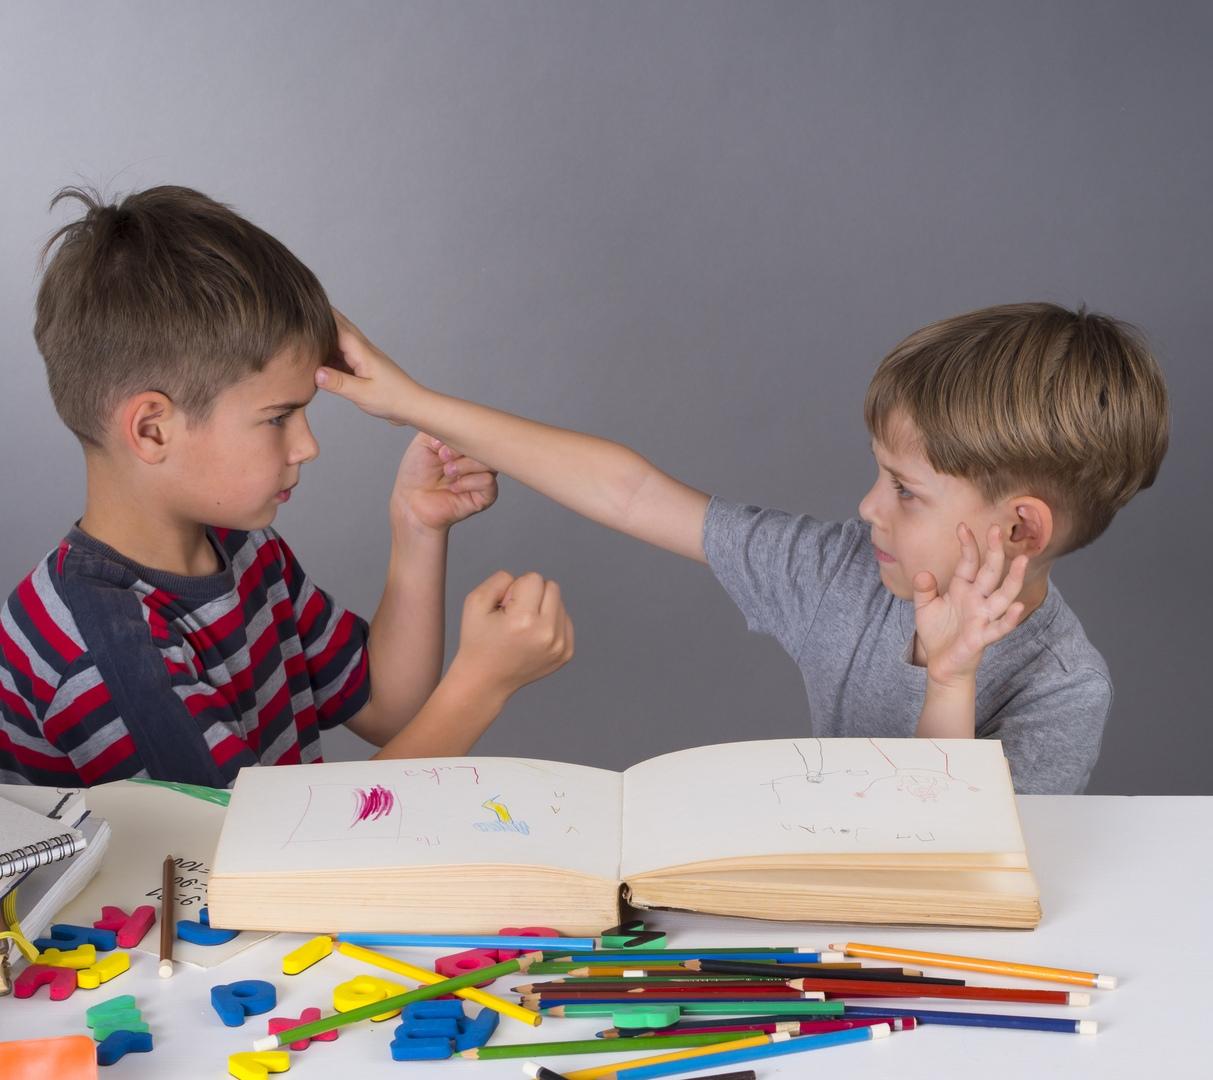 Как научить своего ребенка постоять за себя, почему ребенок должен уметь себя защищать